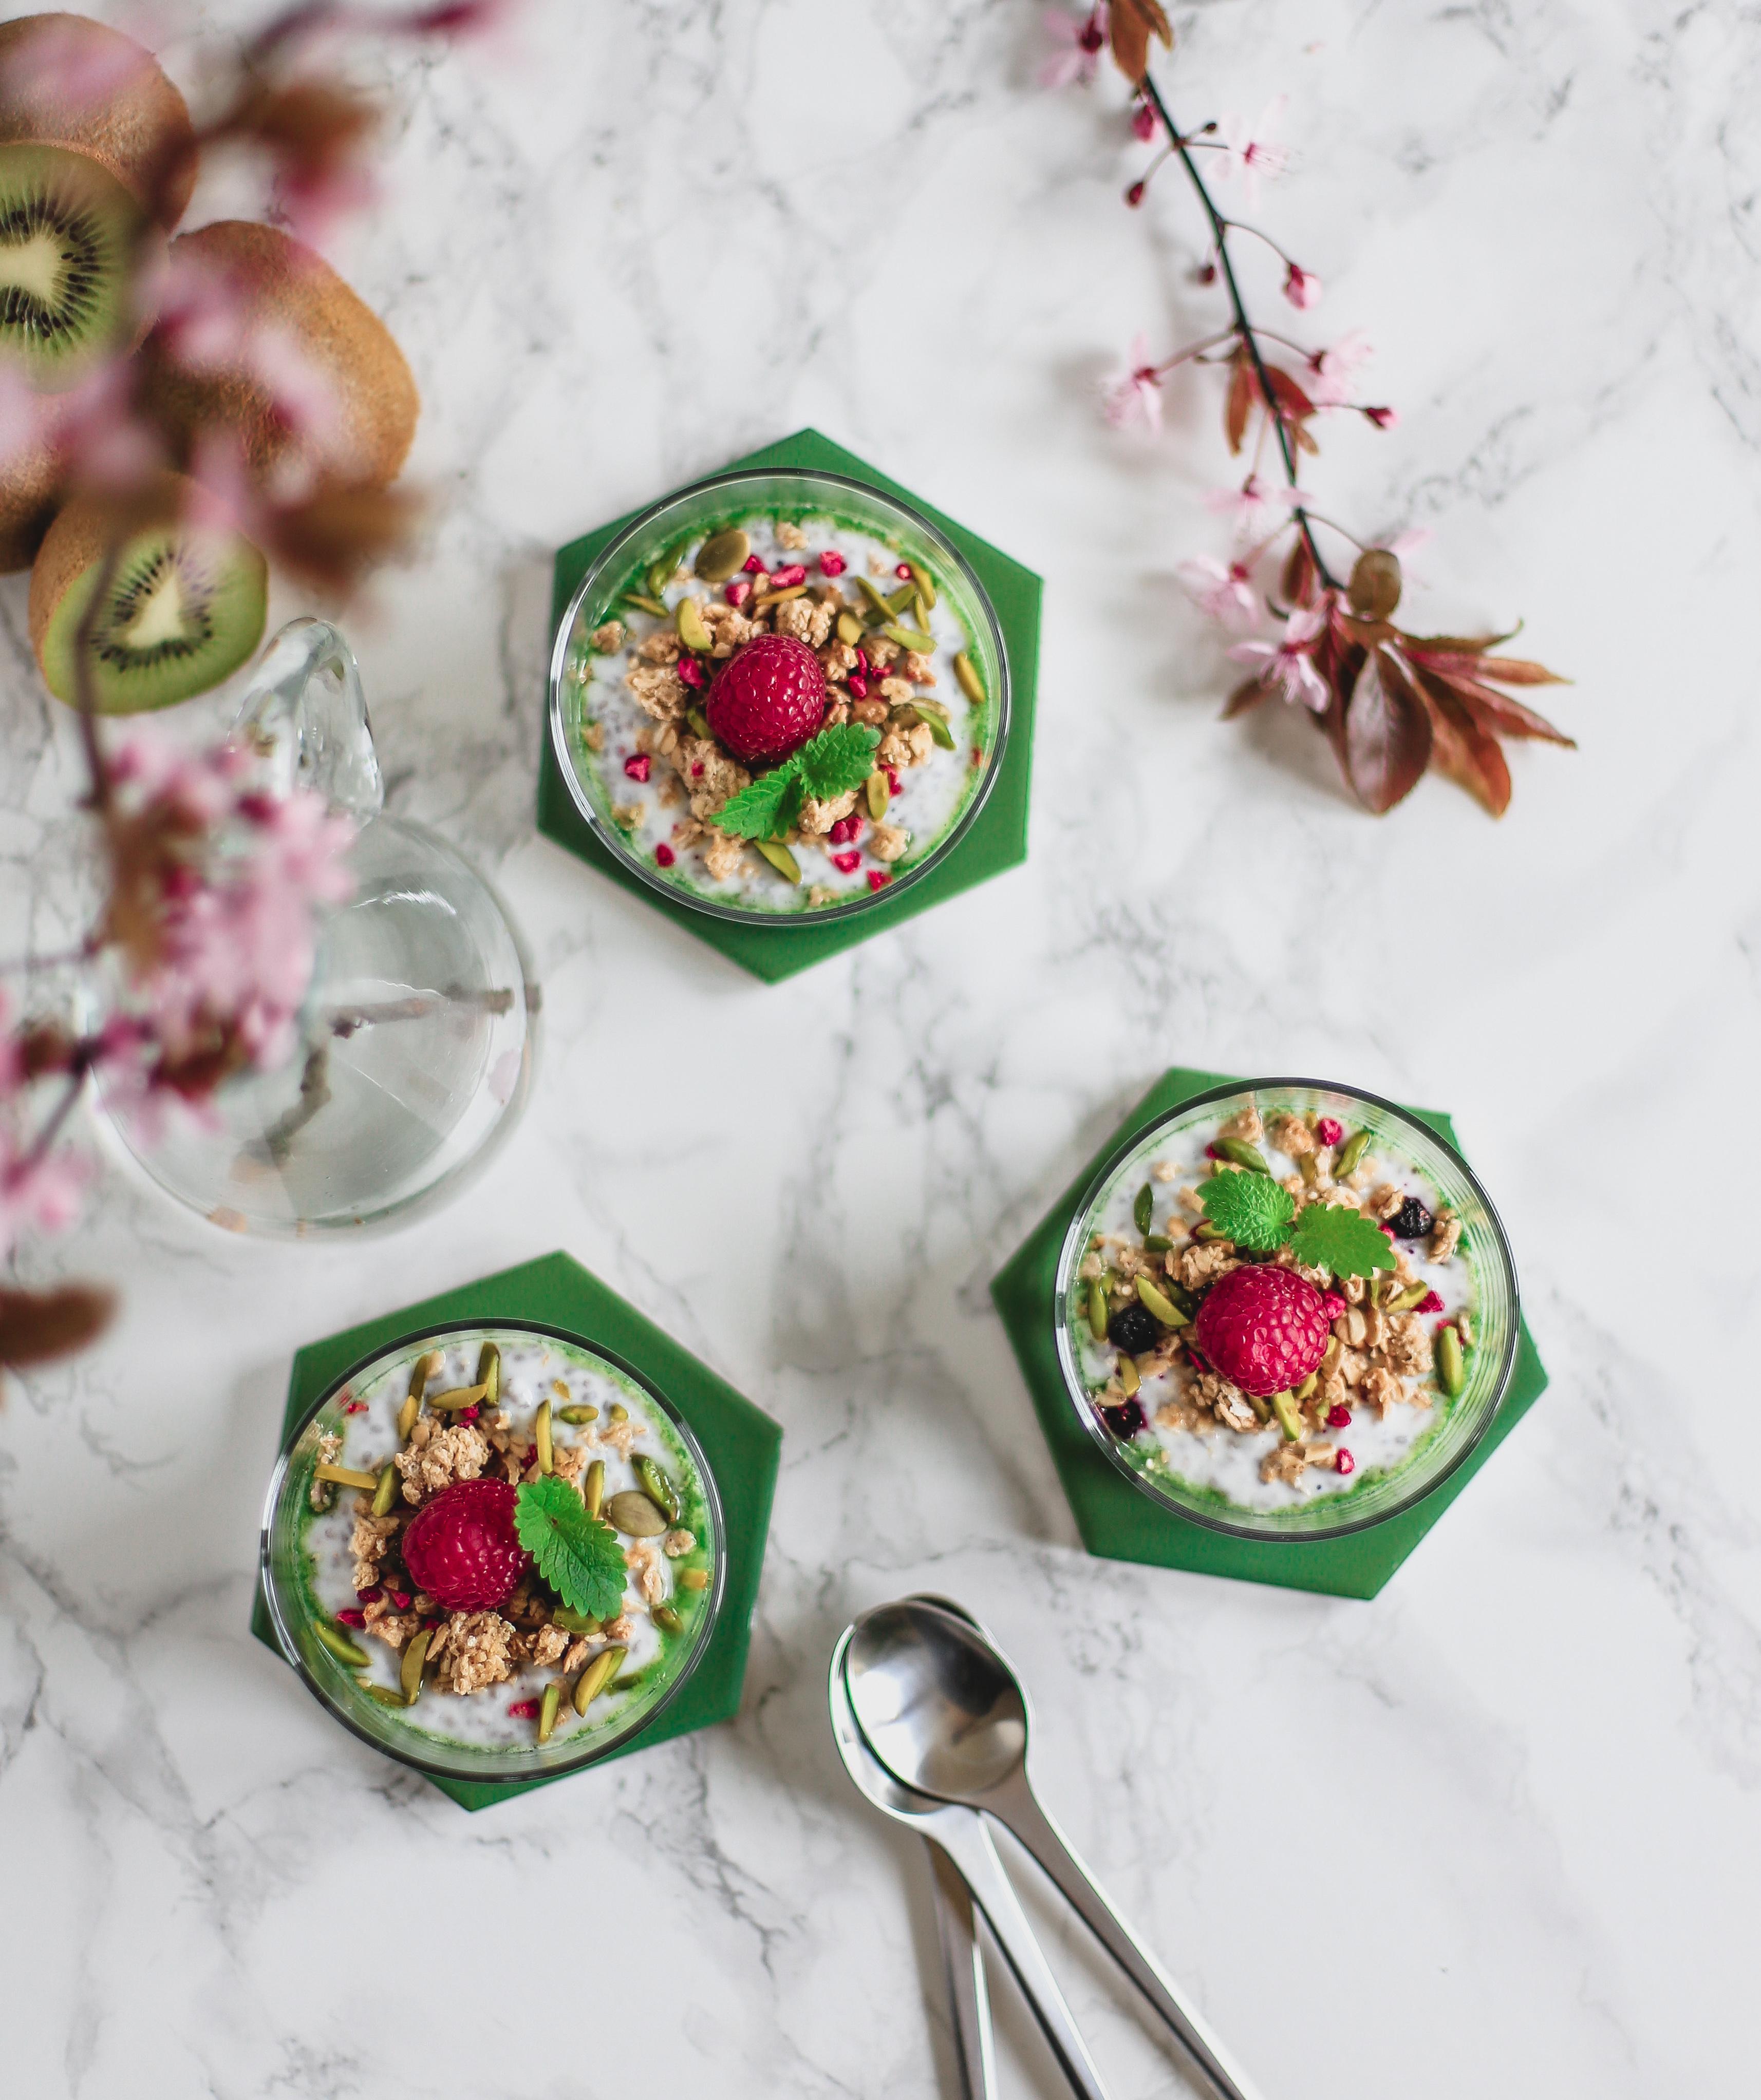 sund mellemmåltid, sund dessert, chiagrød med kiwi